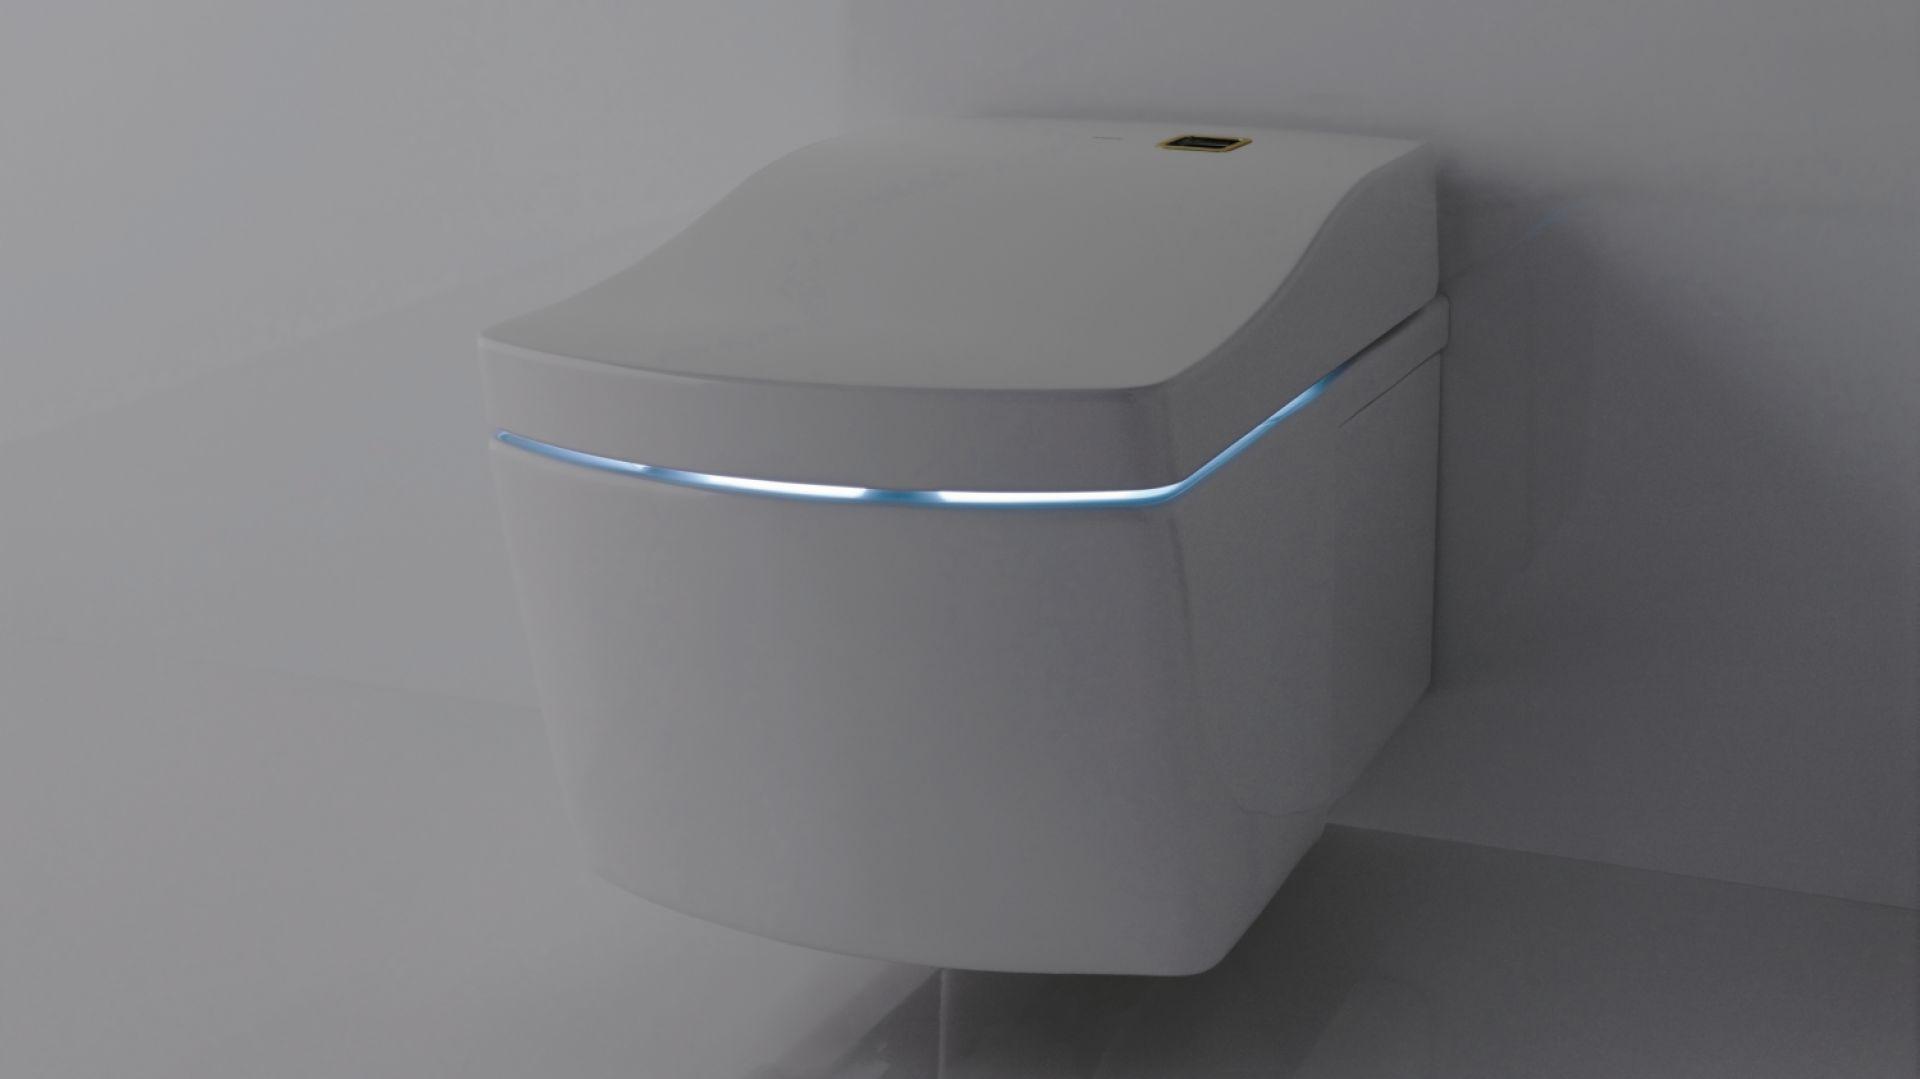 Toaleta myjąca zintegrowana z oświetleniem Neorest Actilight marki TOTO. Fot. TOTO